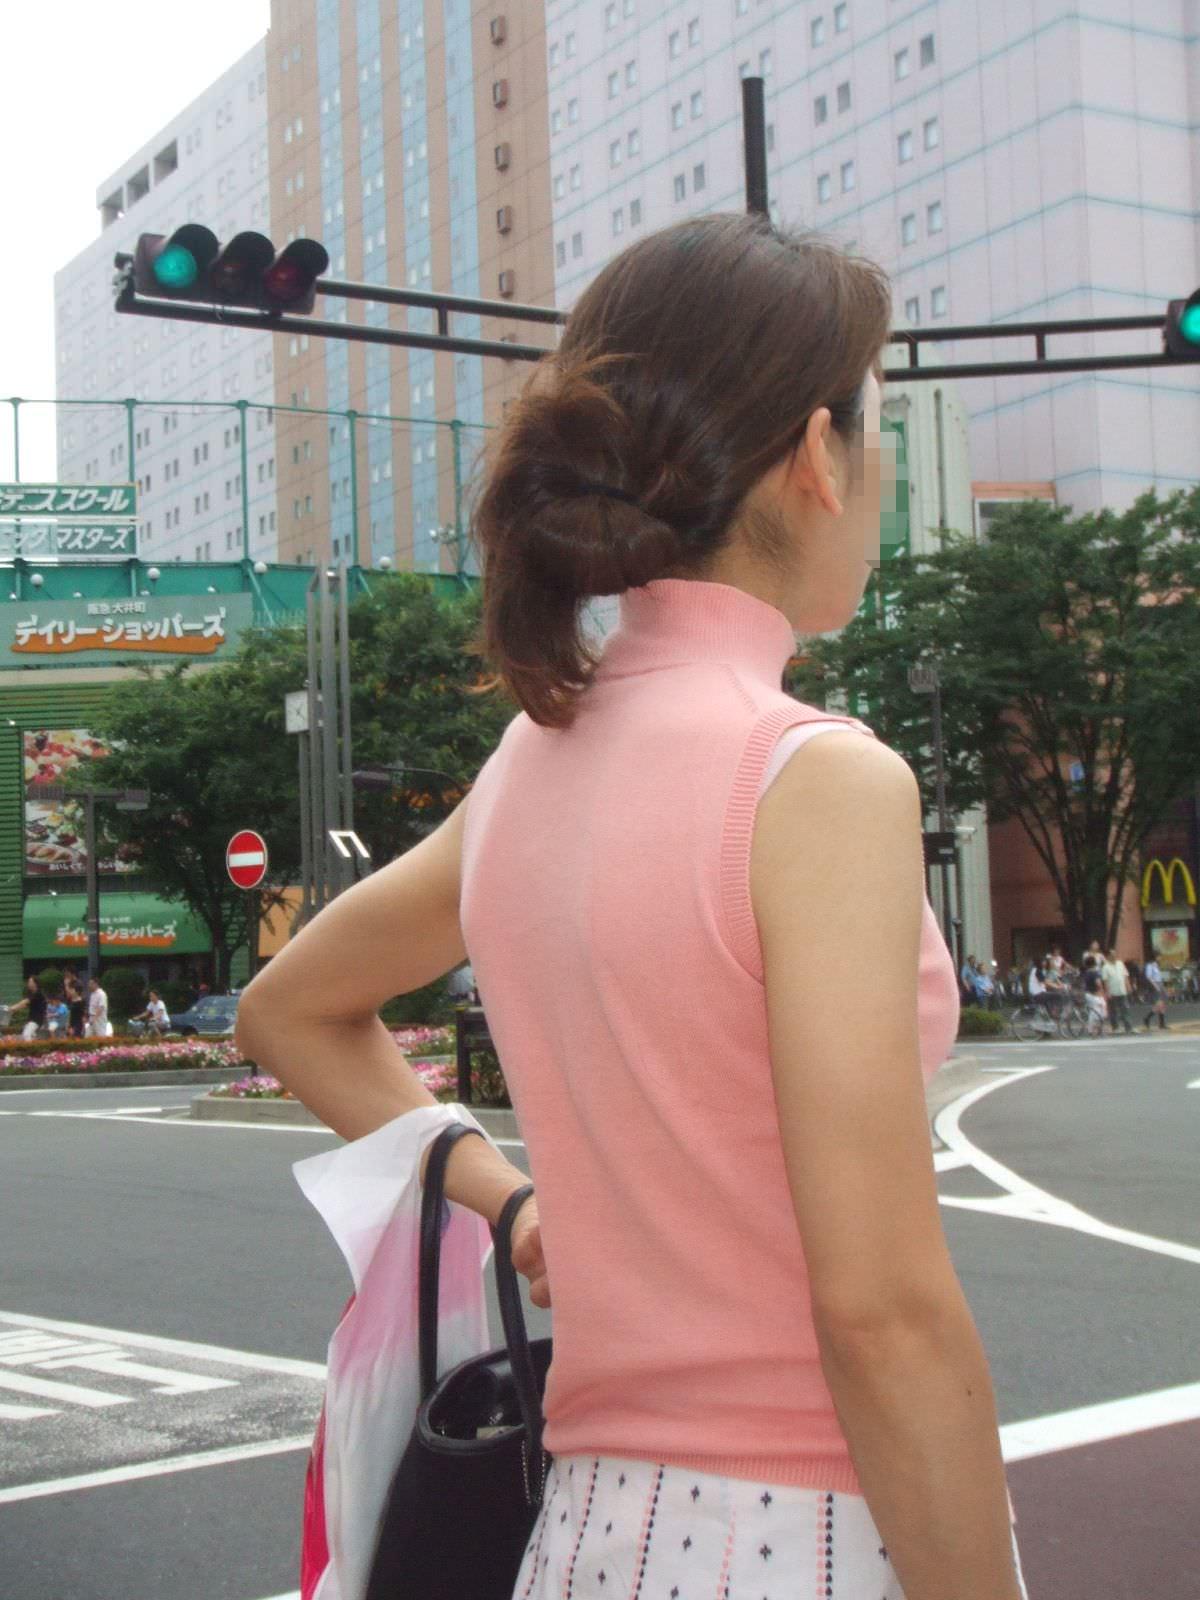 気温が上がるとブラ紐がズレてブラチラしちゃってる素人の街撮りエロ画像 155